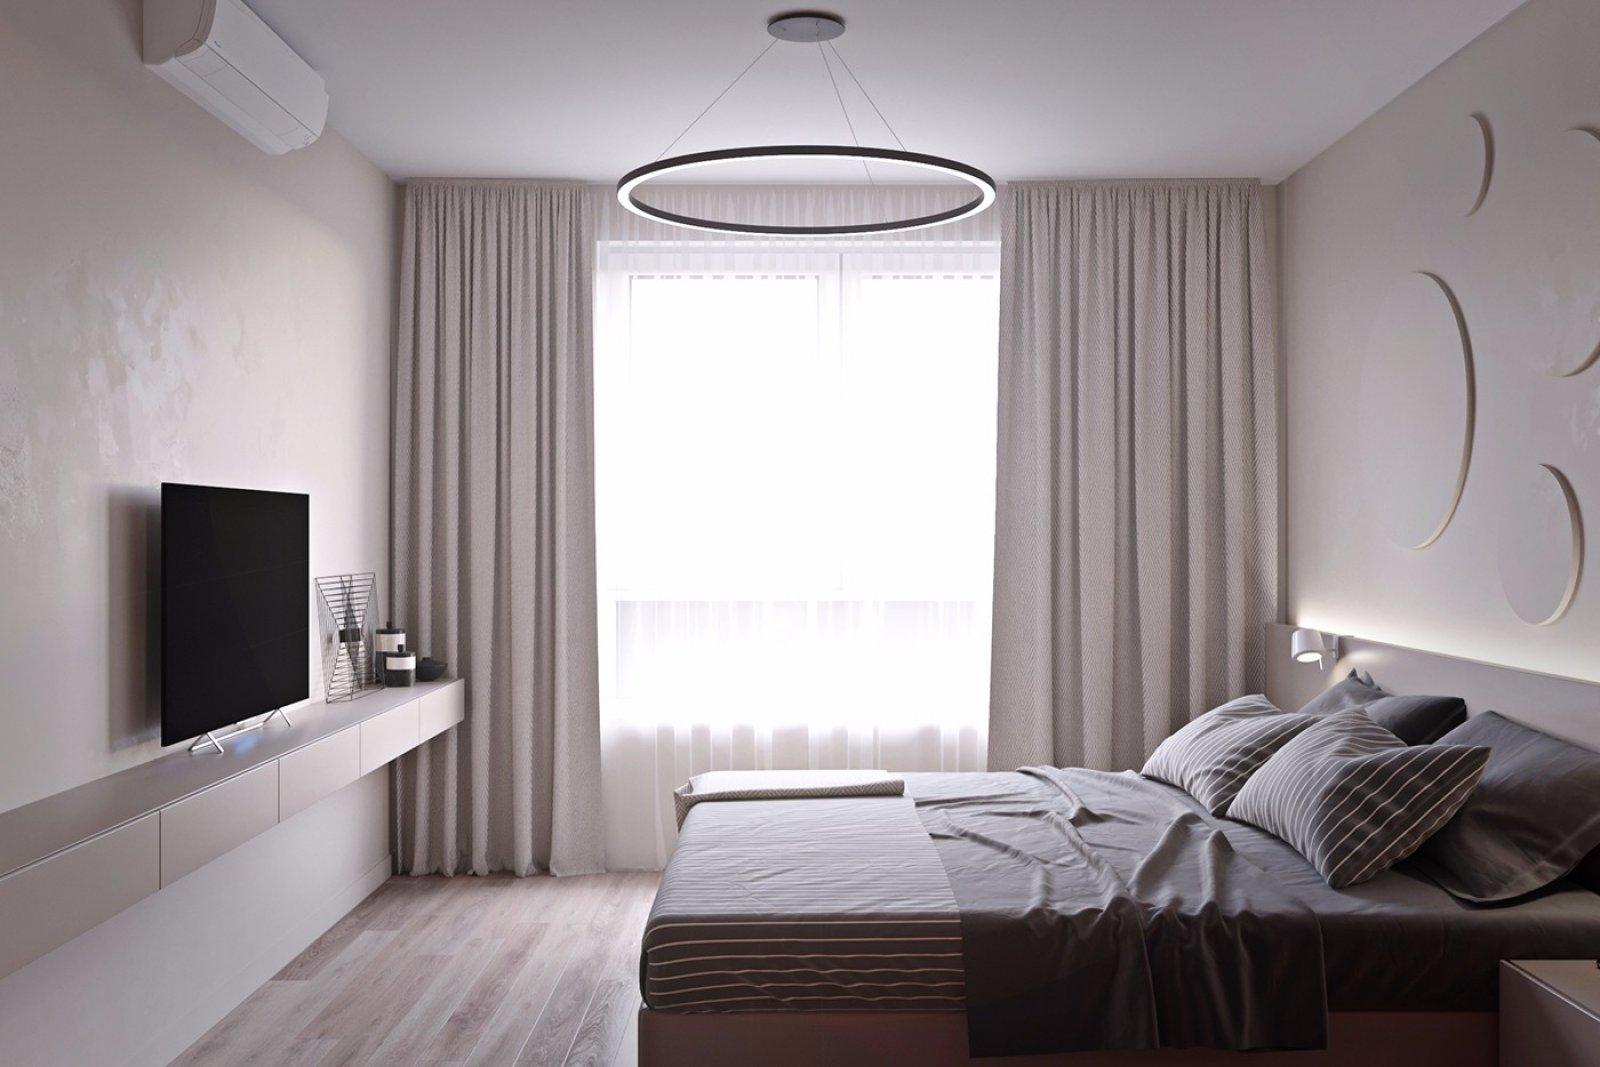 60㎡现代公寓卧室装修效果图